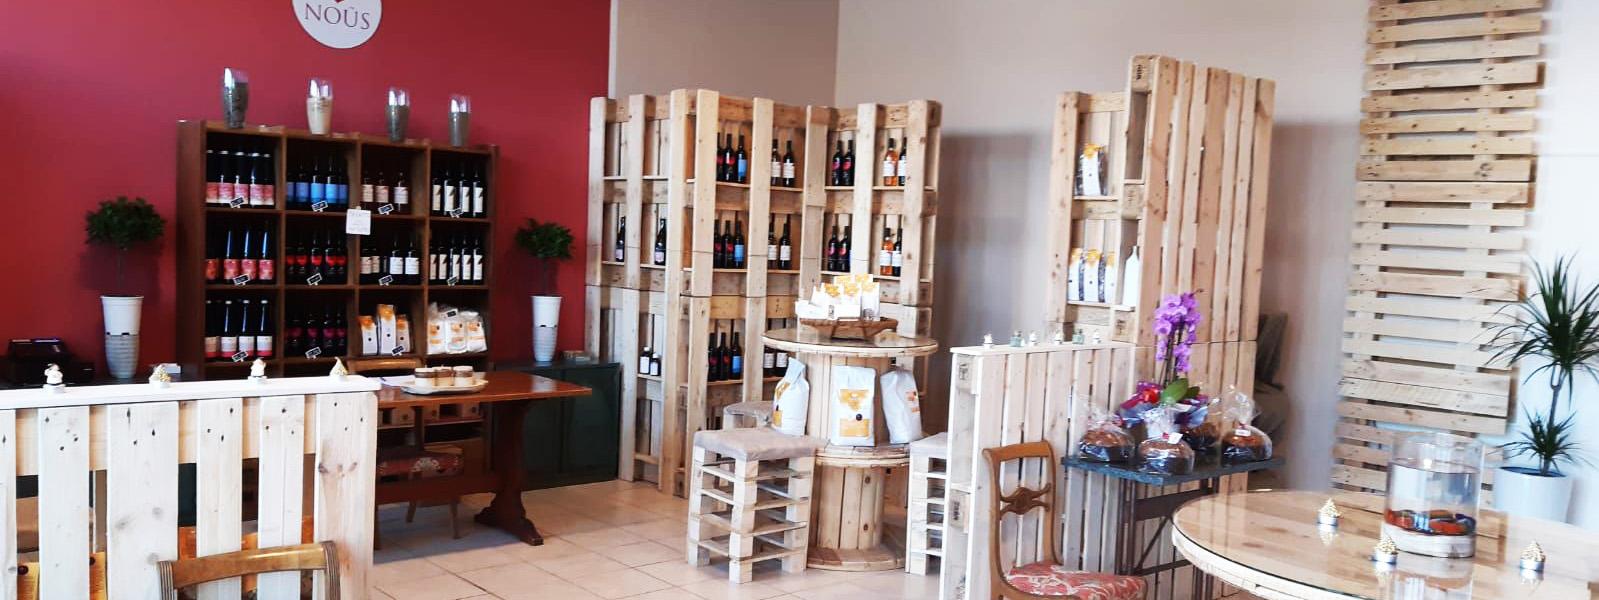 interno del negozio di NOUS Cooperativa Vino Nuovo